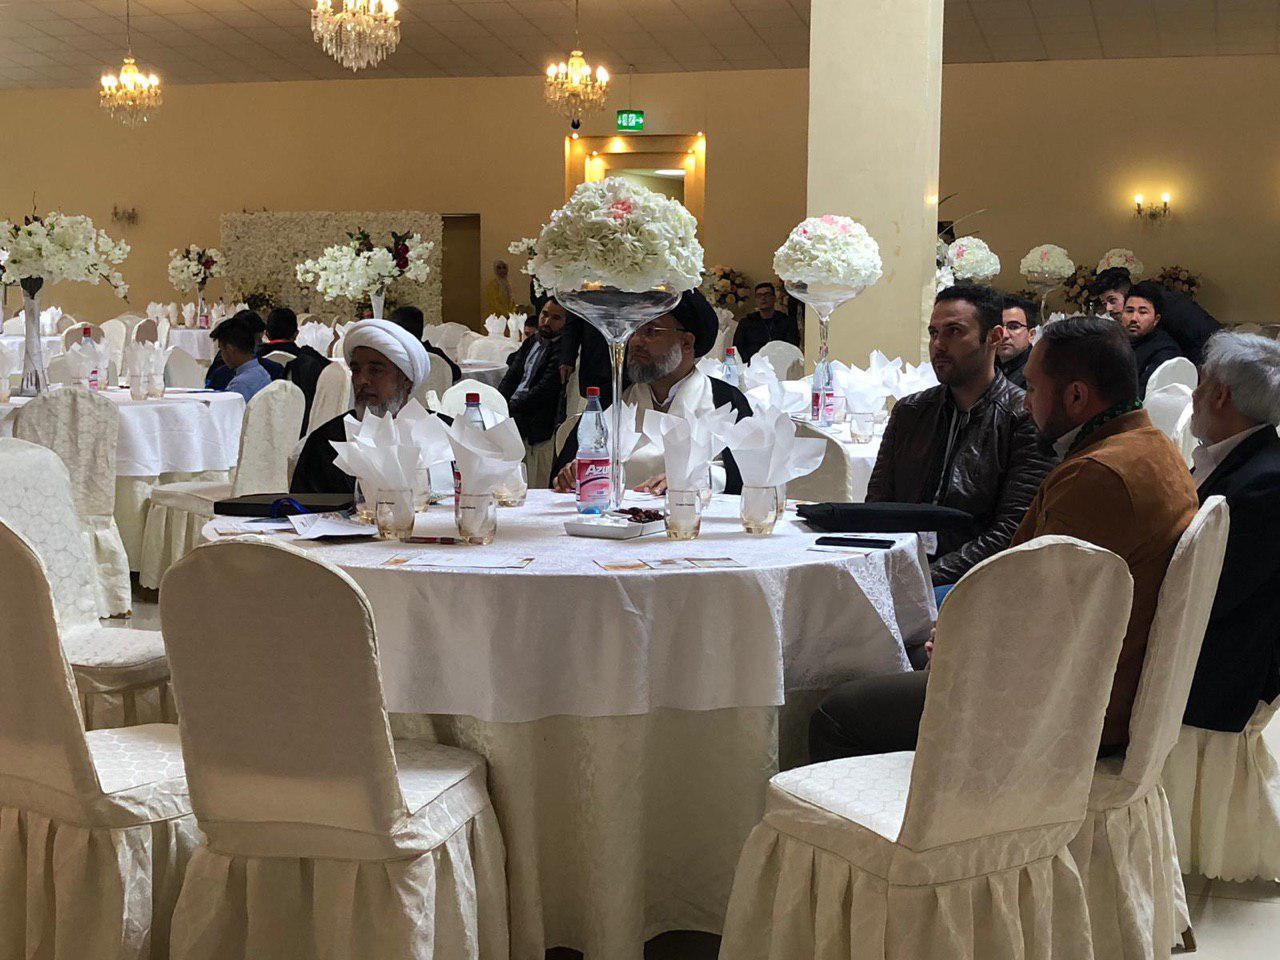 صورة انعقاد اكبر مؤتمر في اوربا لدعم مجموعة الامام الحسين عليه السلام الاعلامية